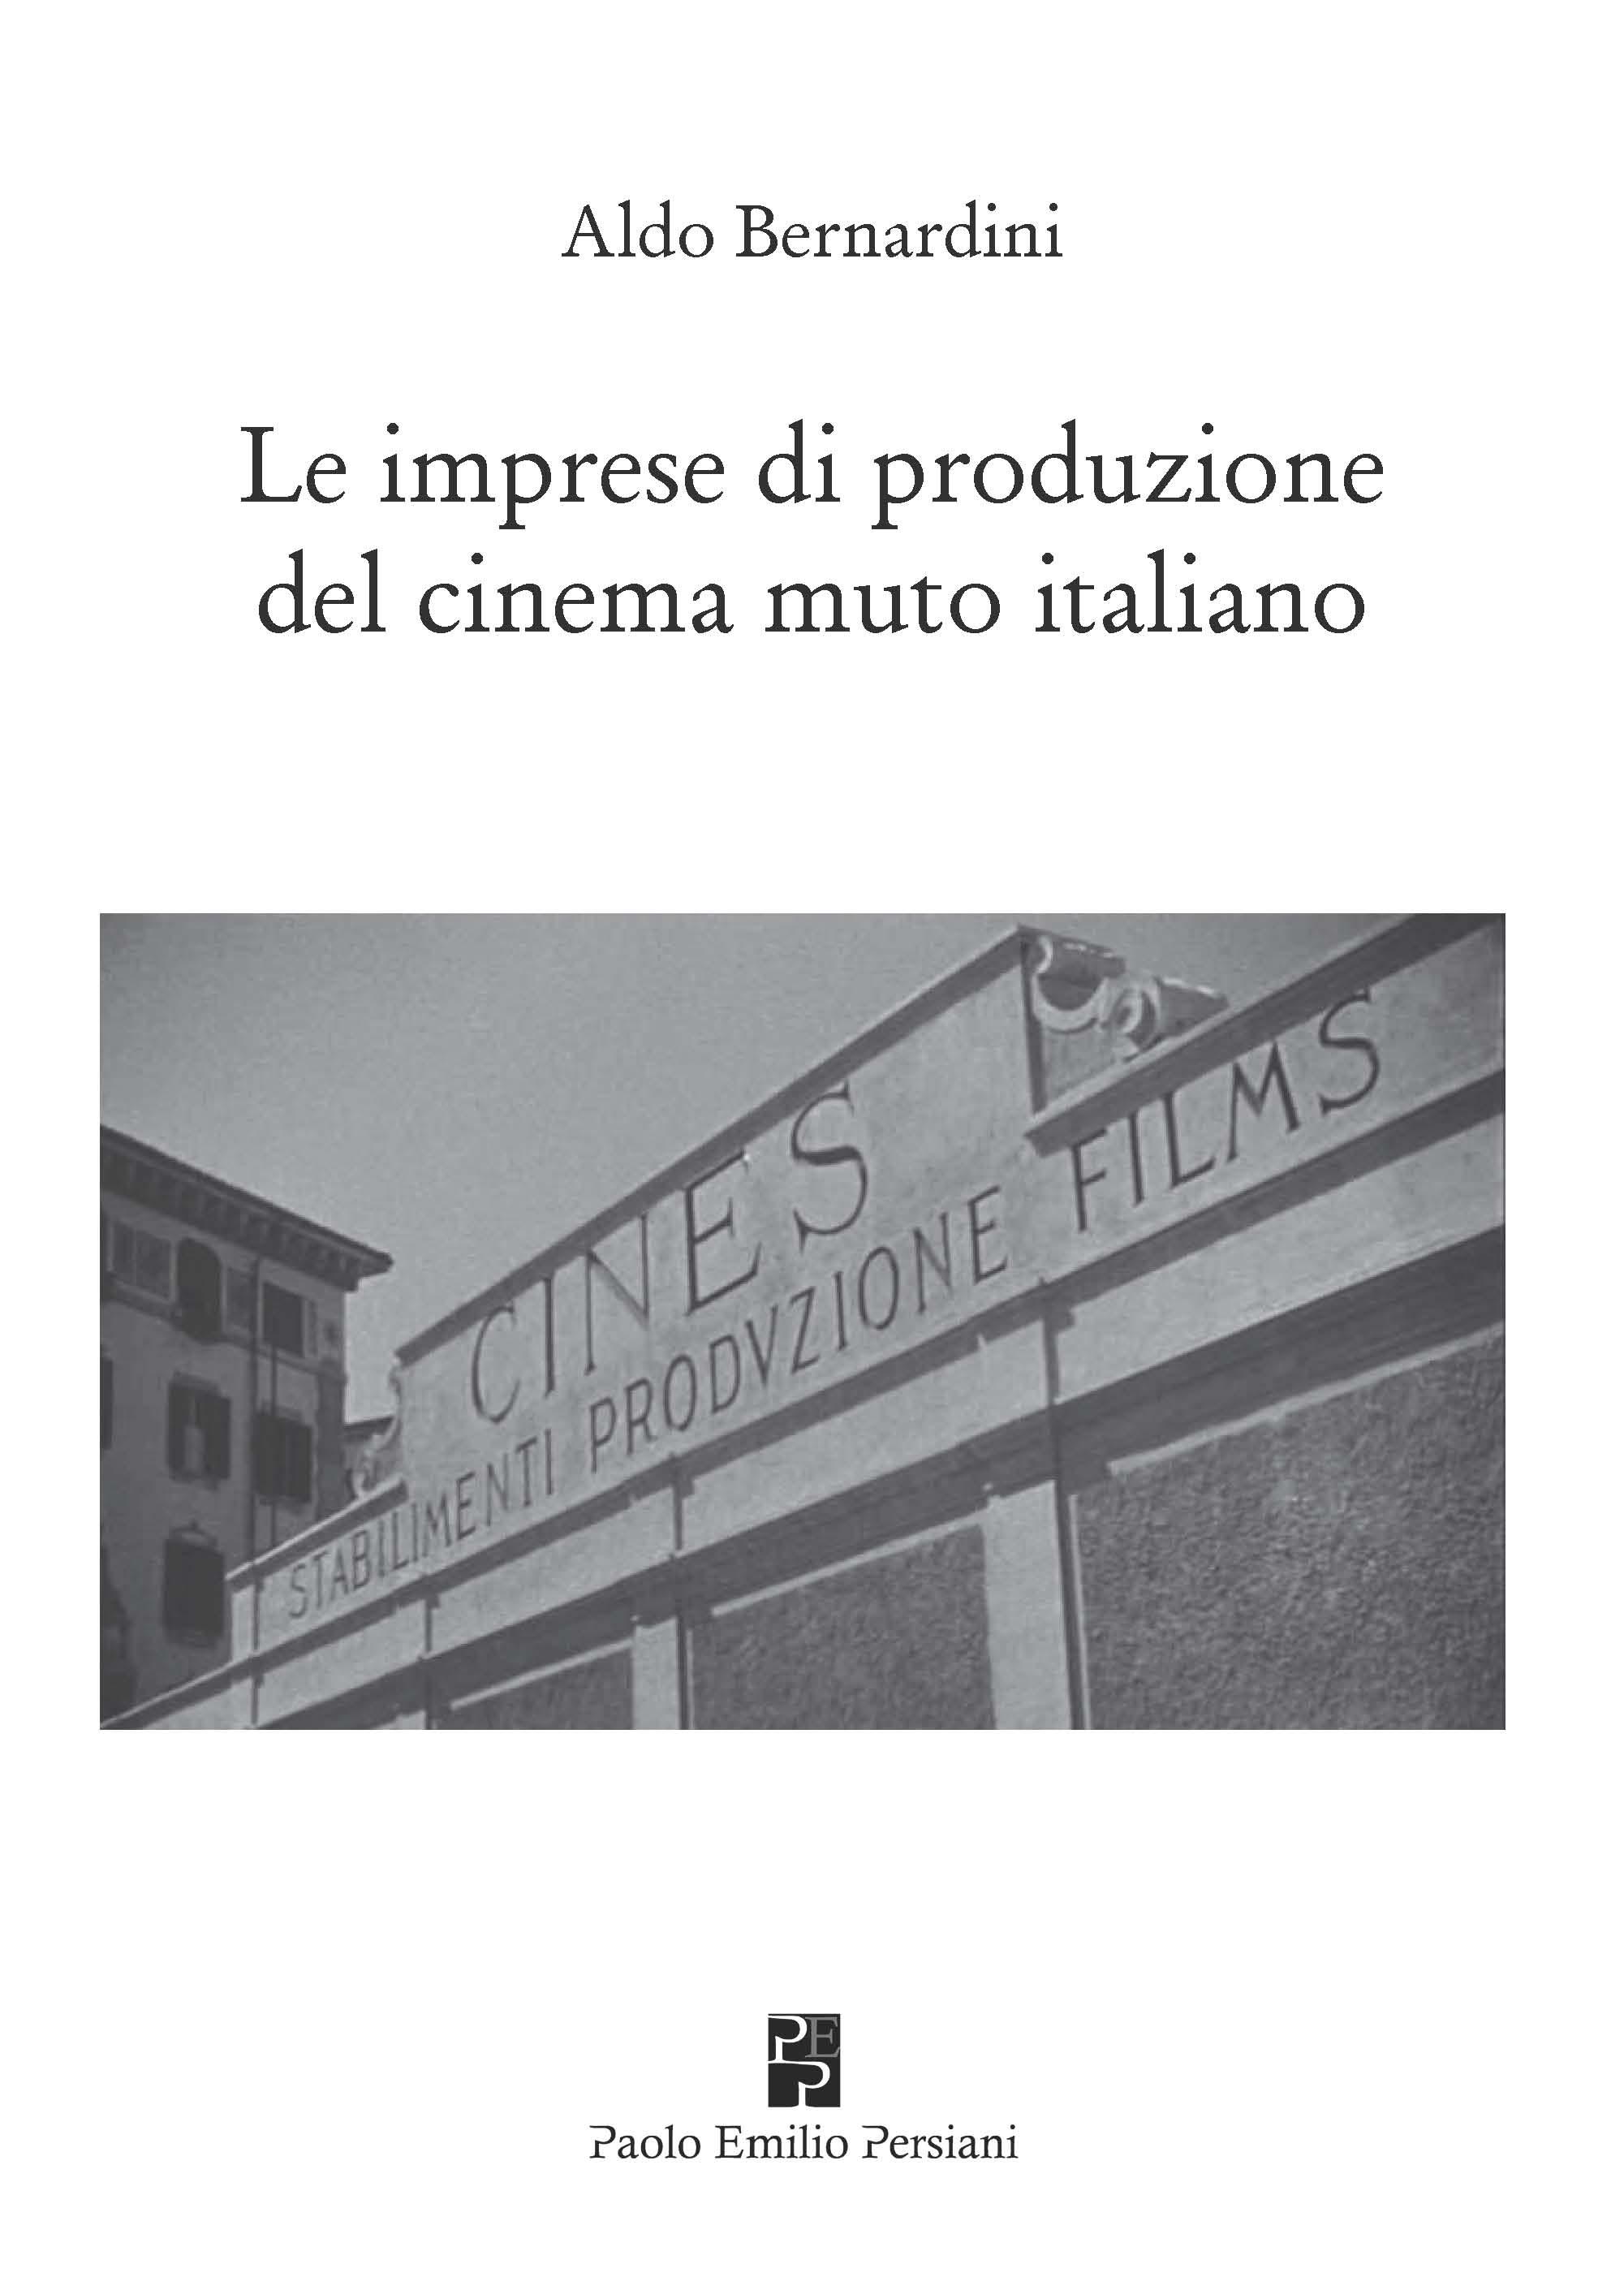 Le imprese di produzione del cinema muto italiano